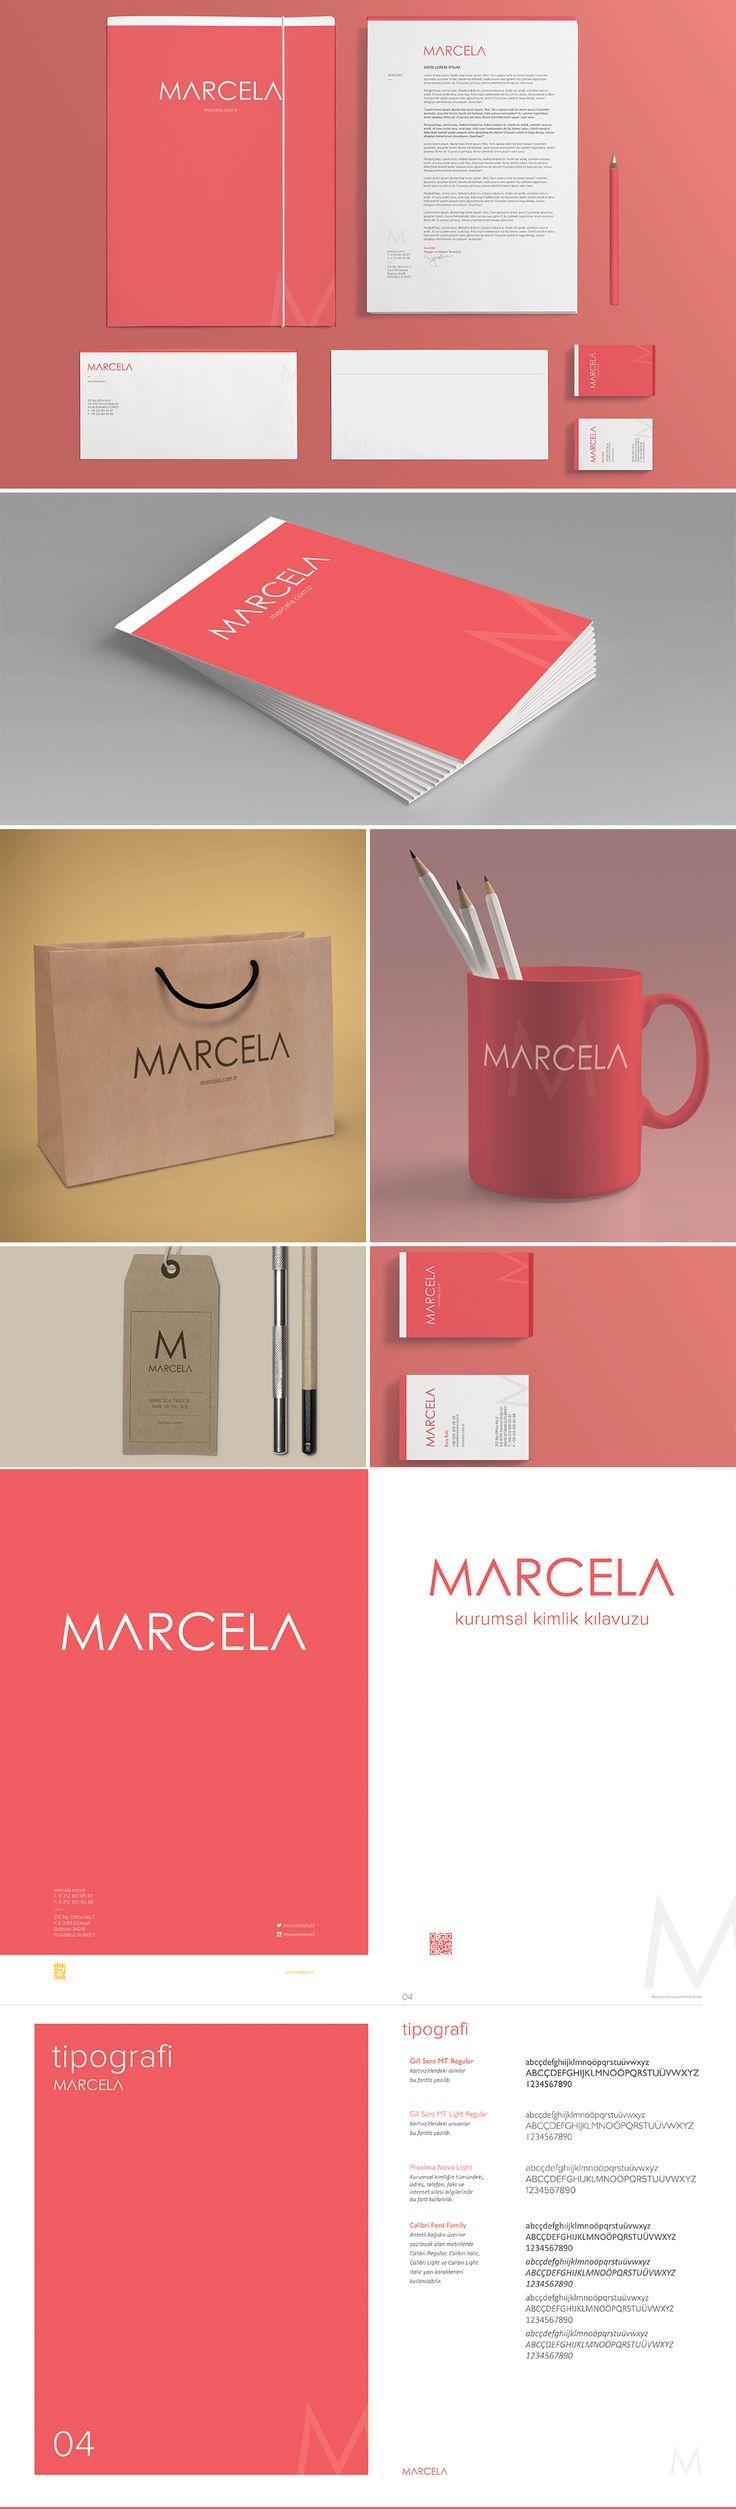 Marcela Tekstil için yapmış olduğum kurumsal kimlik çalışması. Corporate Identity for Marcela Tekstil. #creative #corporate #identity #ID #graphic #design #kurumsal #kimlik #Marcela  Who is Marcela: marcela.com.tr